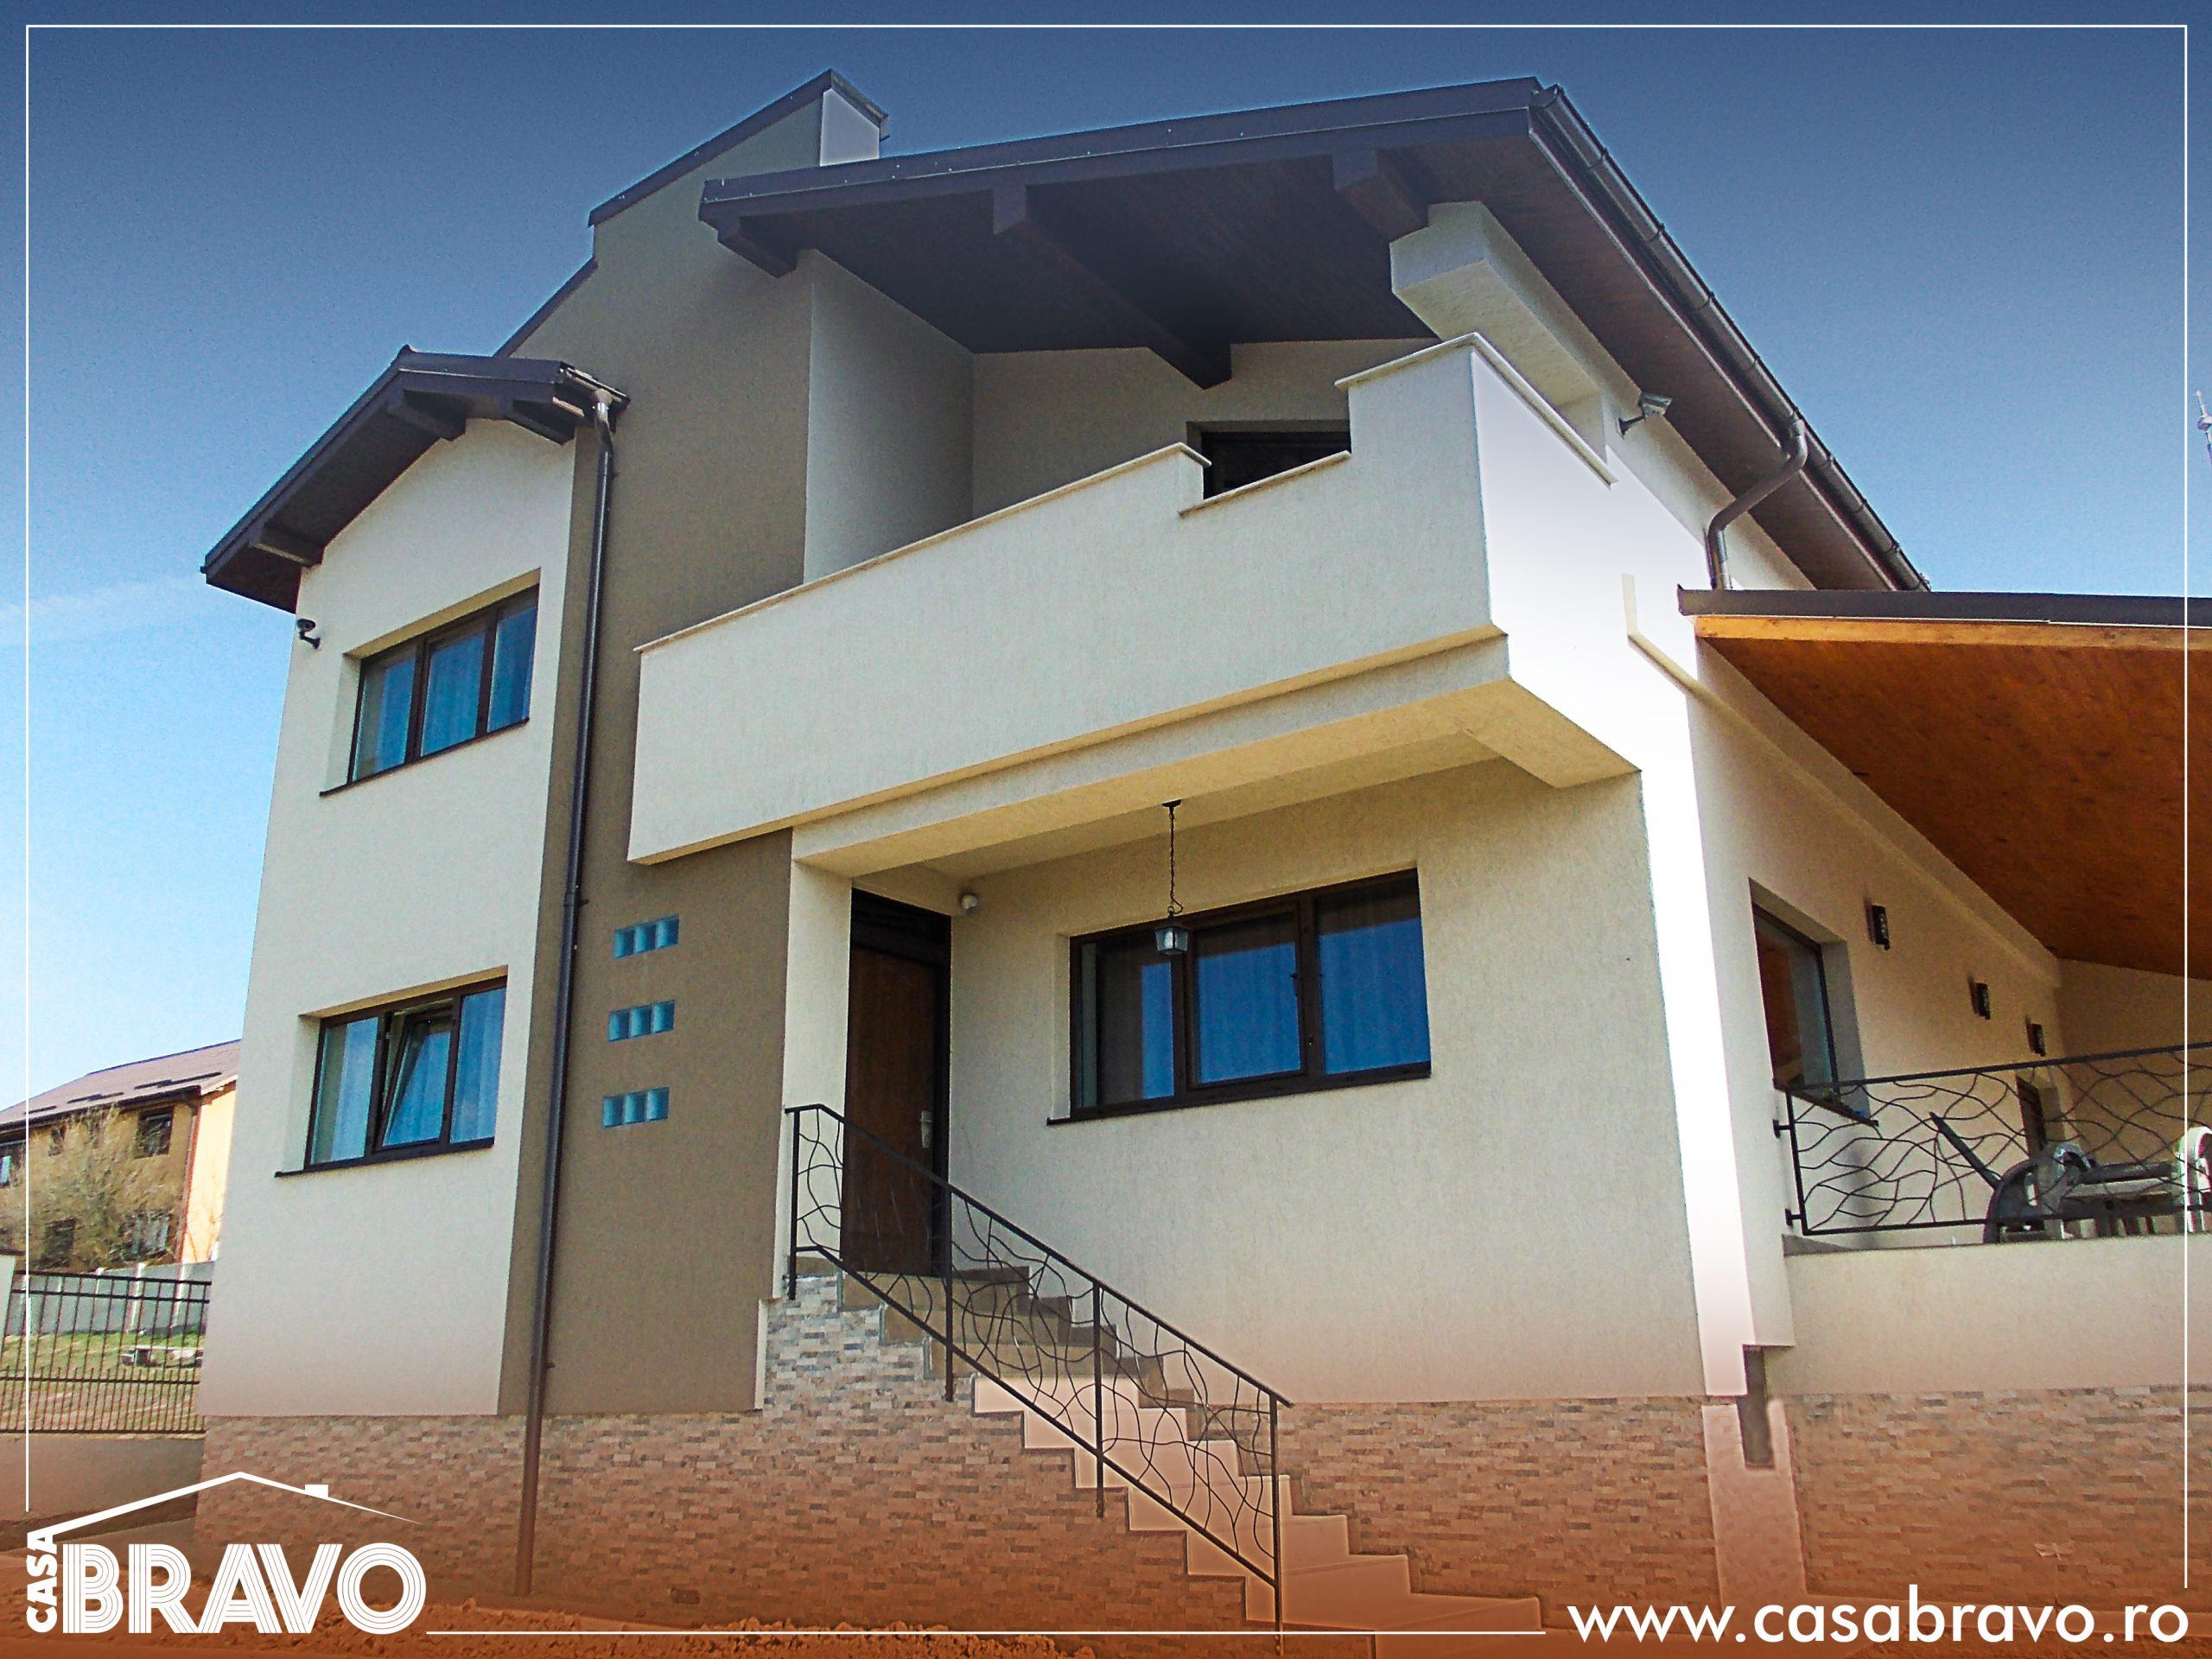 Casa Bravo - Progopo | Piatra naturala Craiova